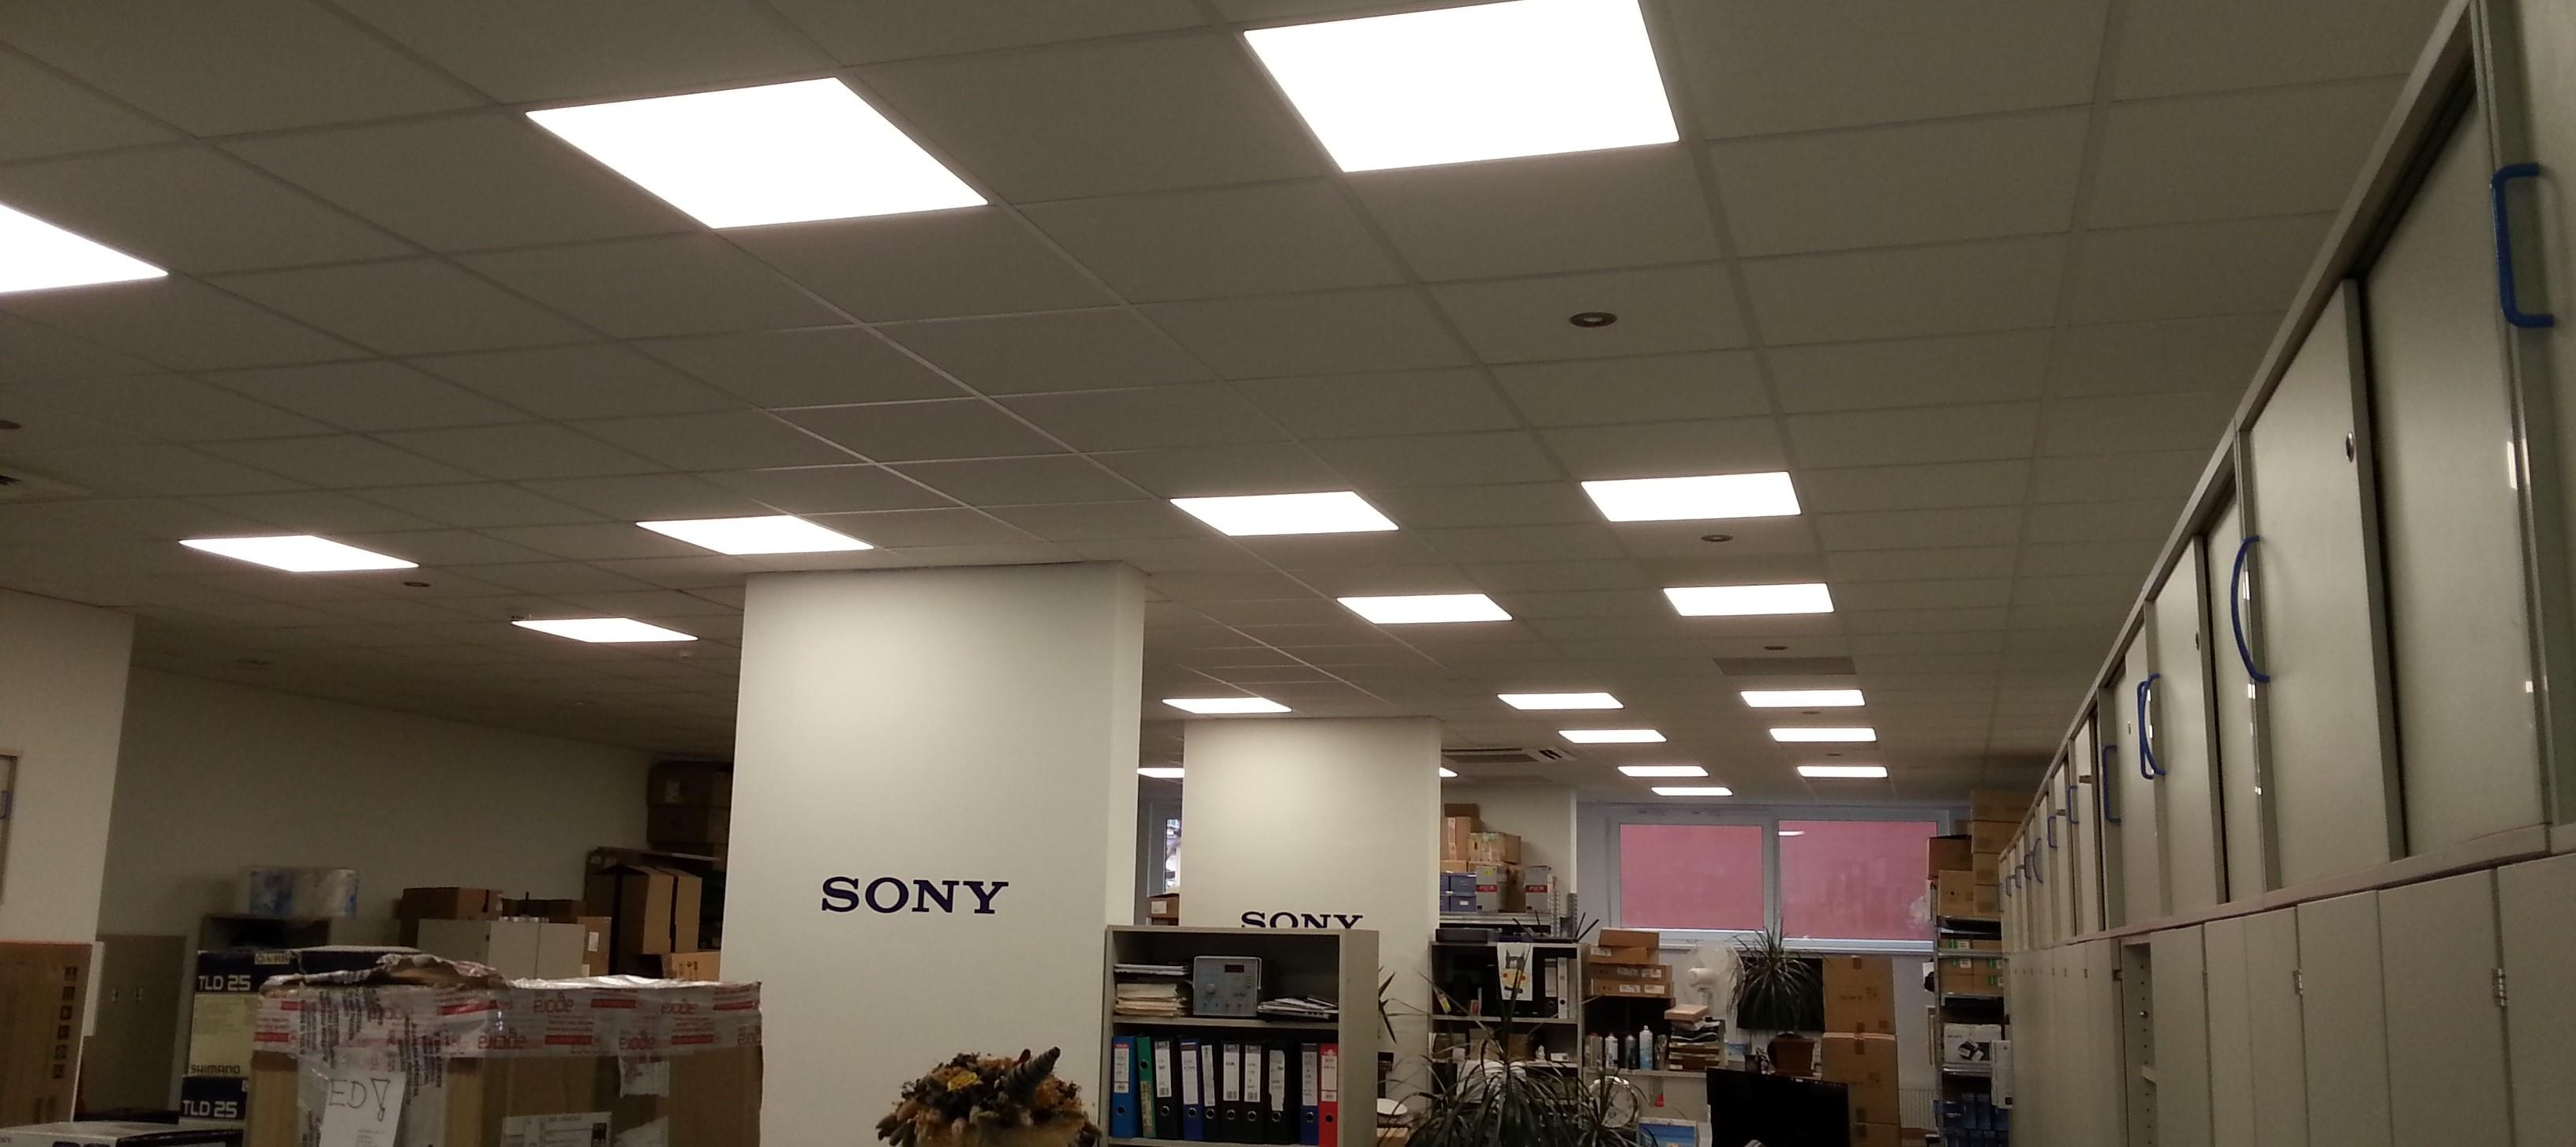 prodejna_kancelar_jak_vybrat_led_svetla_doporucit_poradit_led_panely_stropni_ctverce_usporne_levne